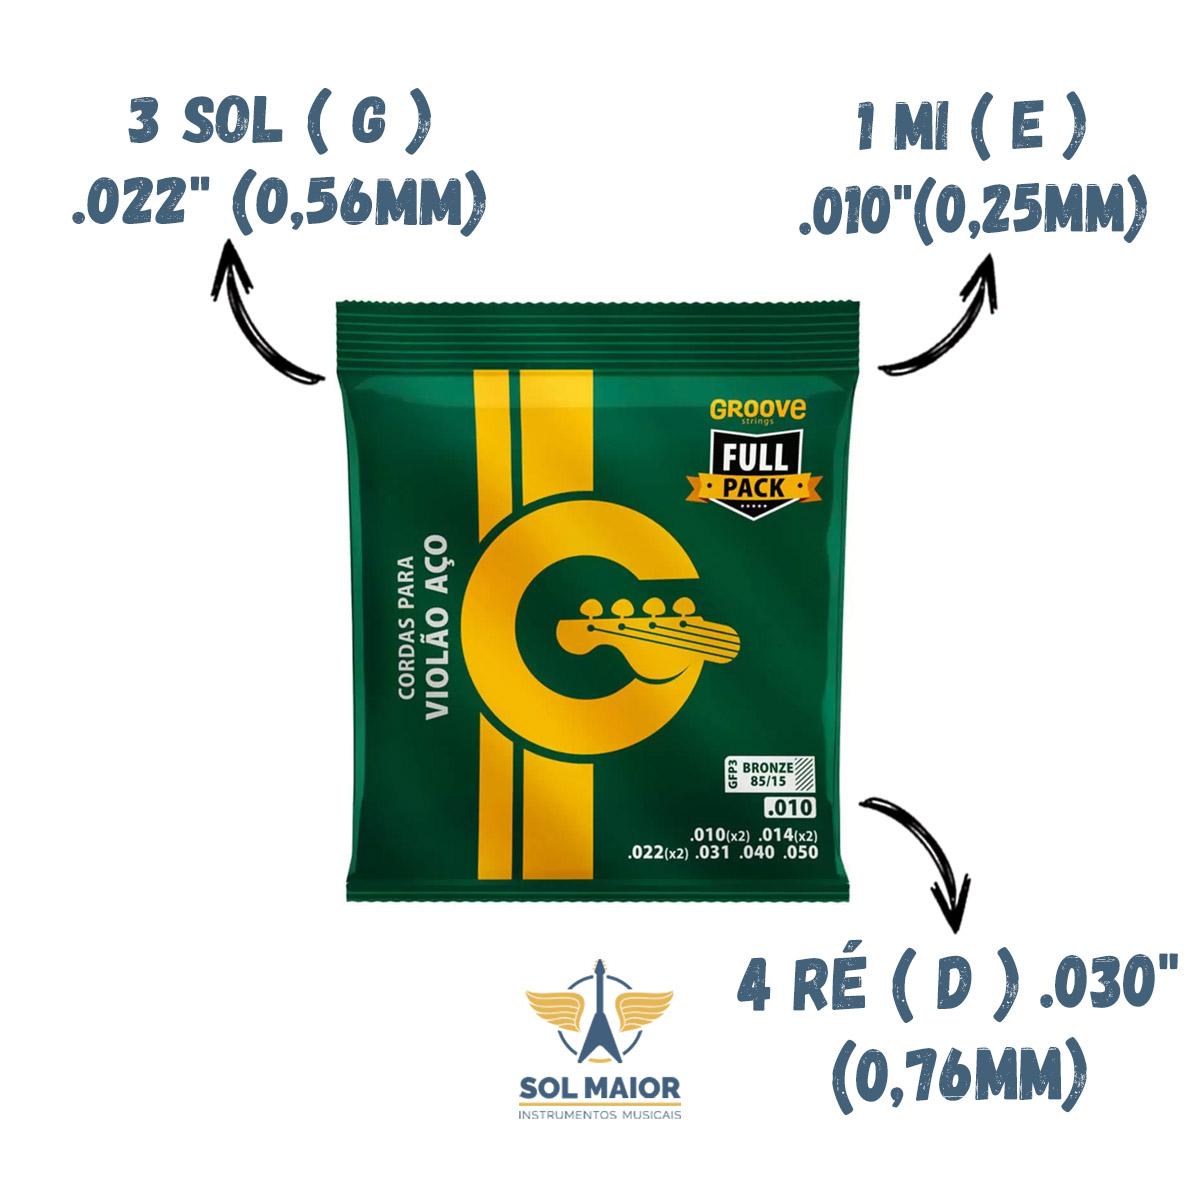 Encordoamento Violão Aço Full Pack Groove .010 Gfp3 - Solez